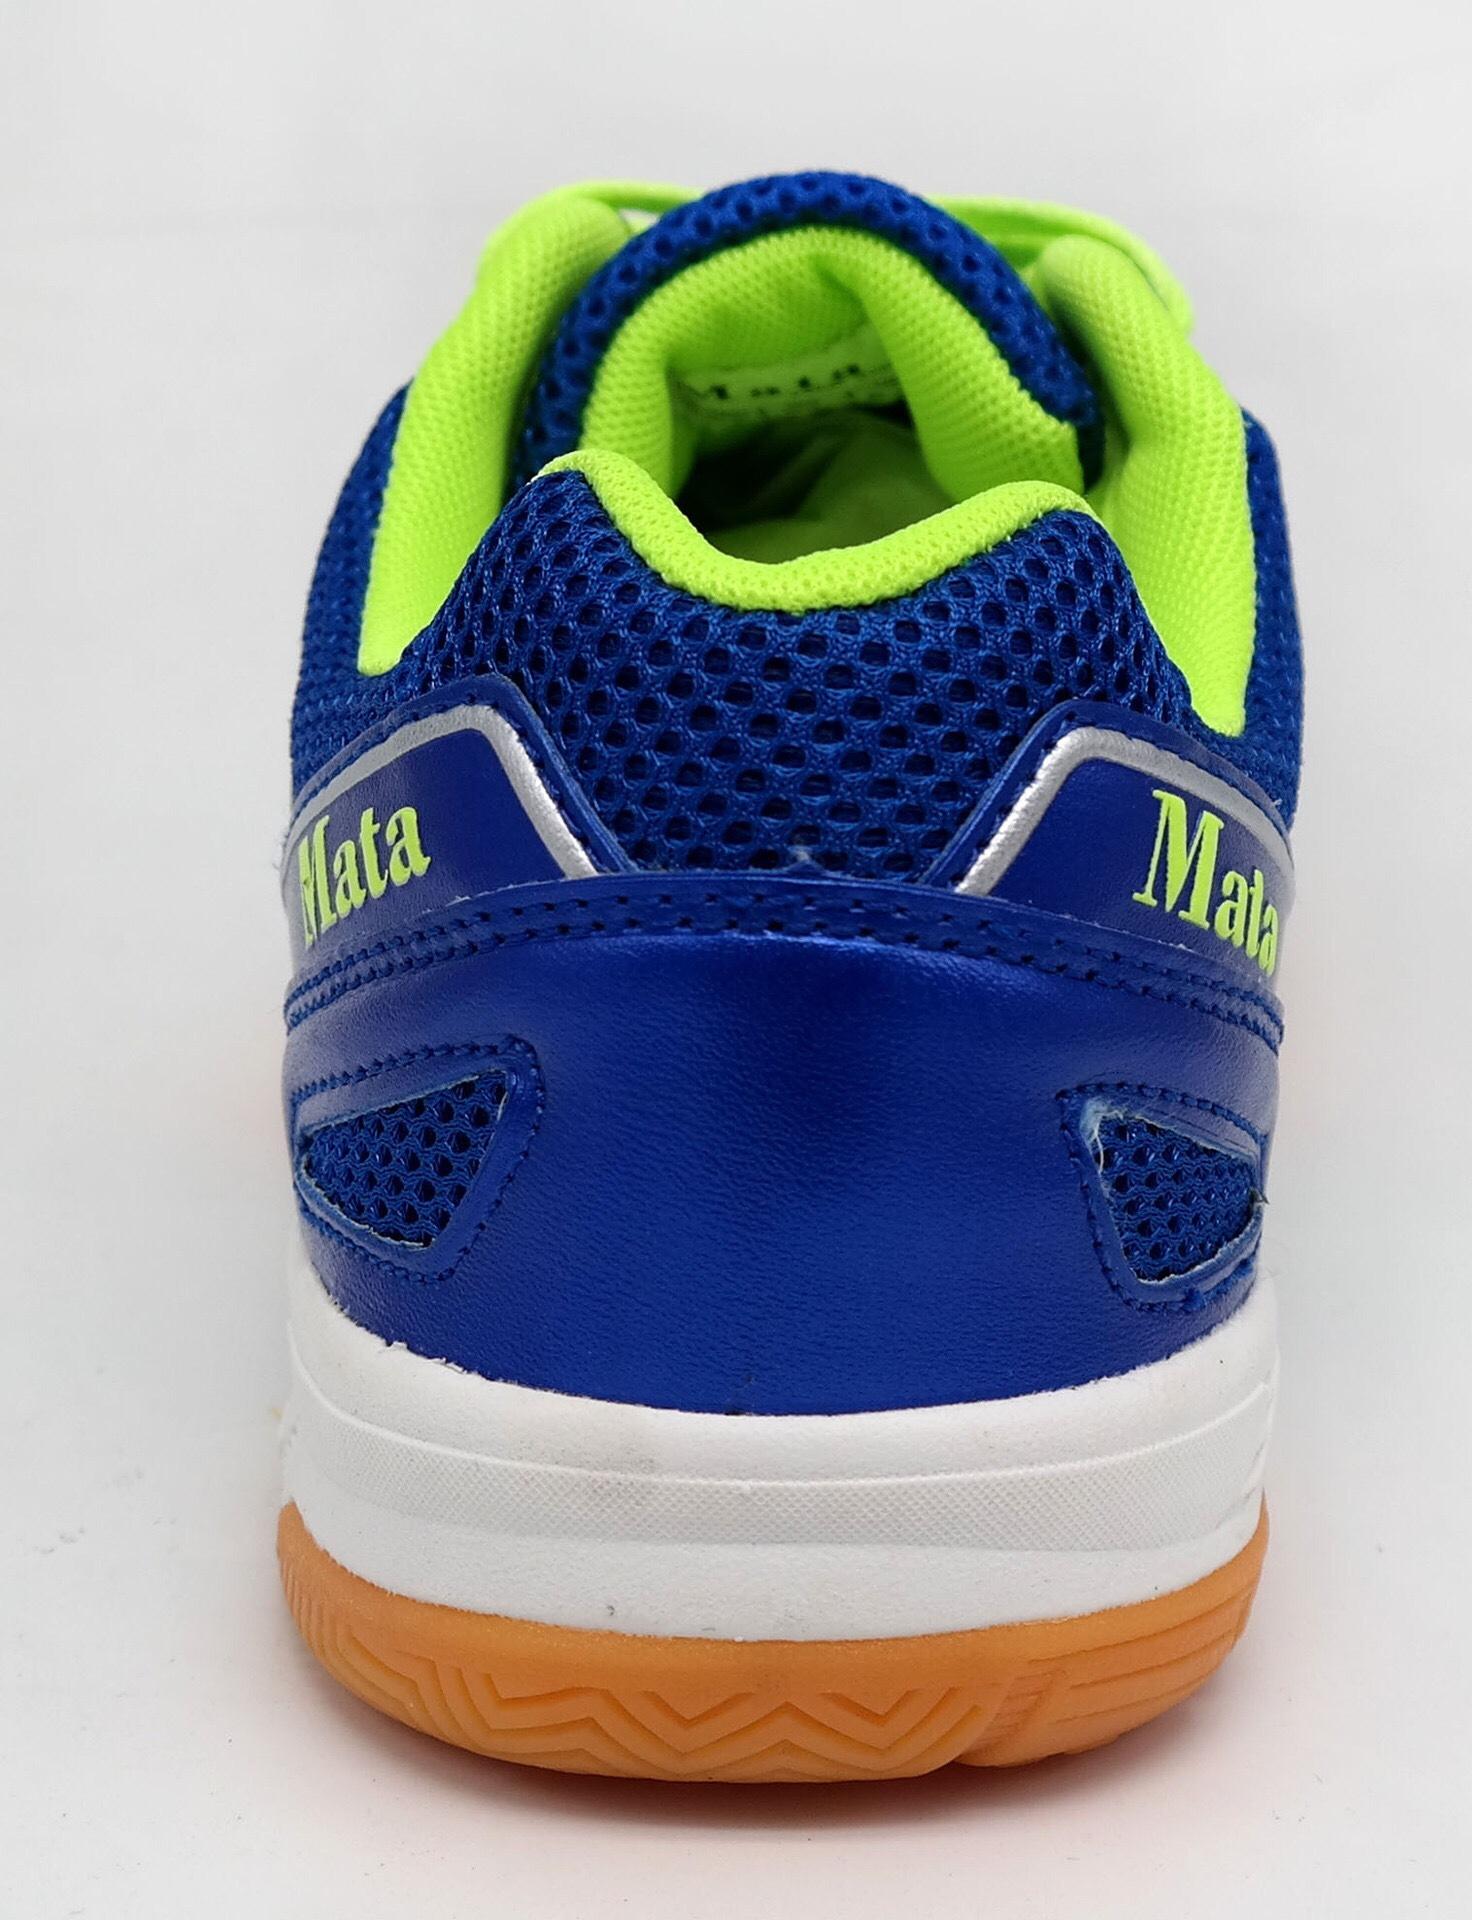 Giày MaTa-2